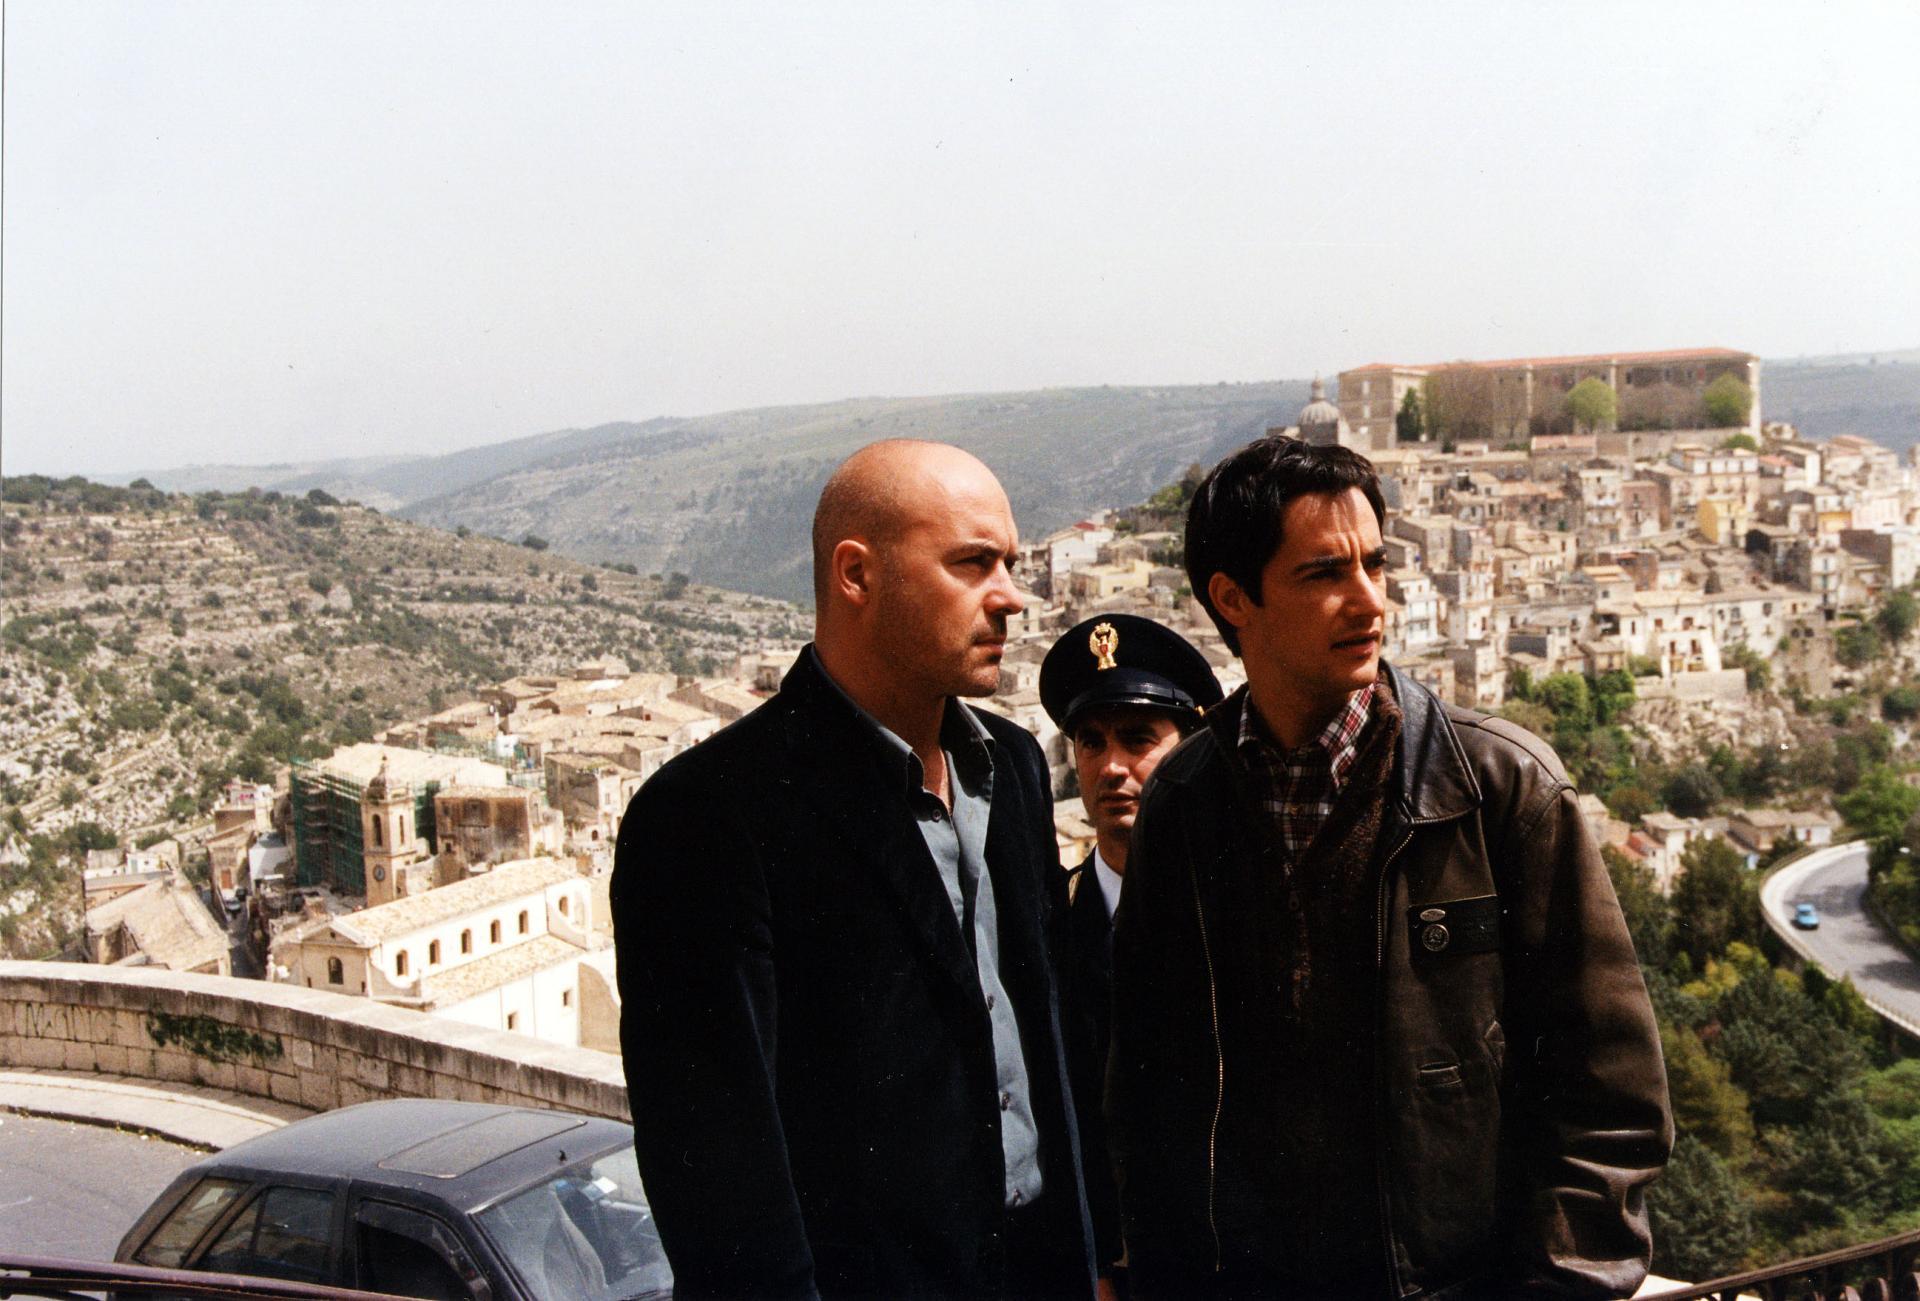 Il ladro di merendine 1999 Luca Zingaretti e Peppino Mazzotta